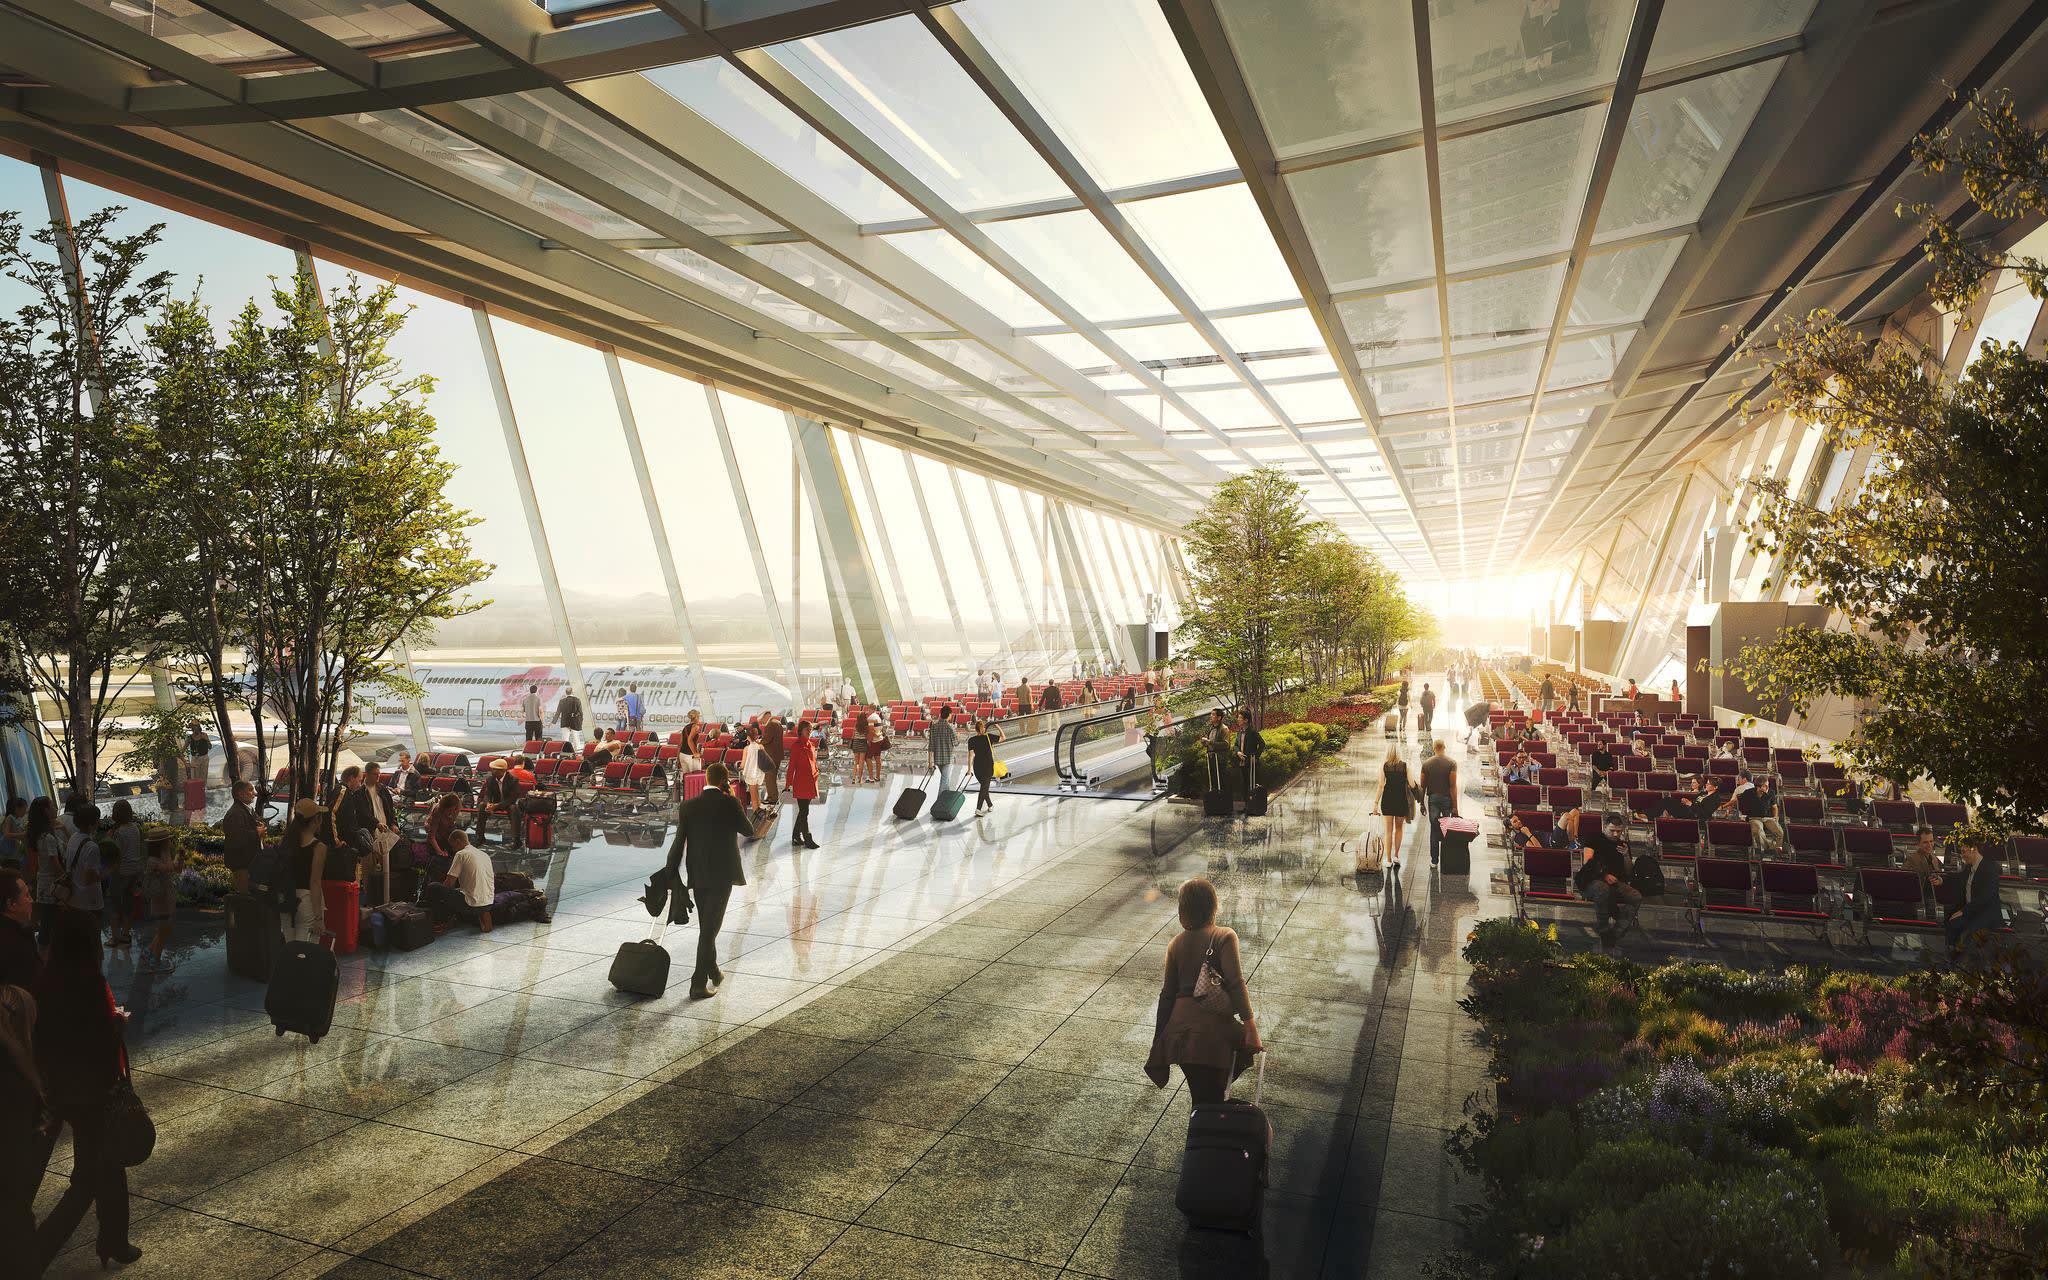 桃 機 第 三 航 廈 寬 敞 的 走 廊 、 改 造 了 大 家 對 於 桃 園 機 場 的 印 象